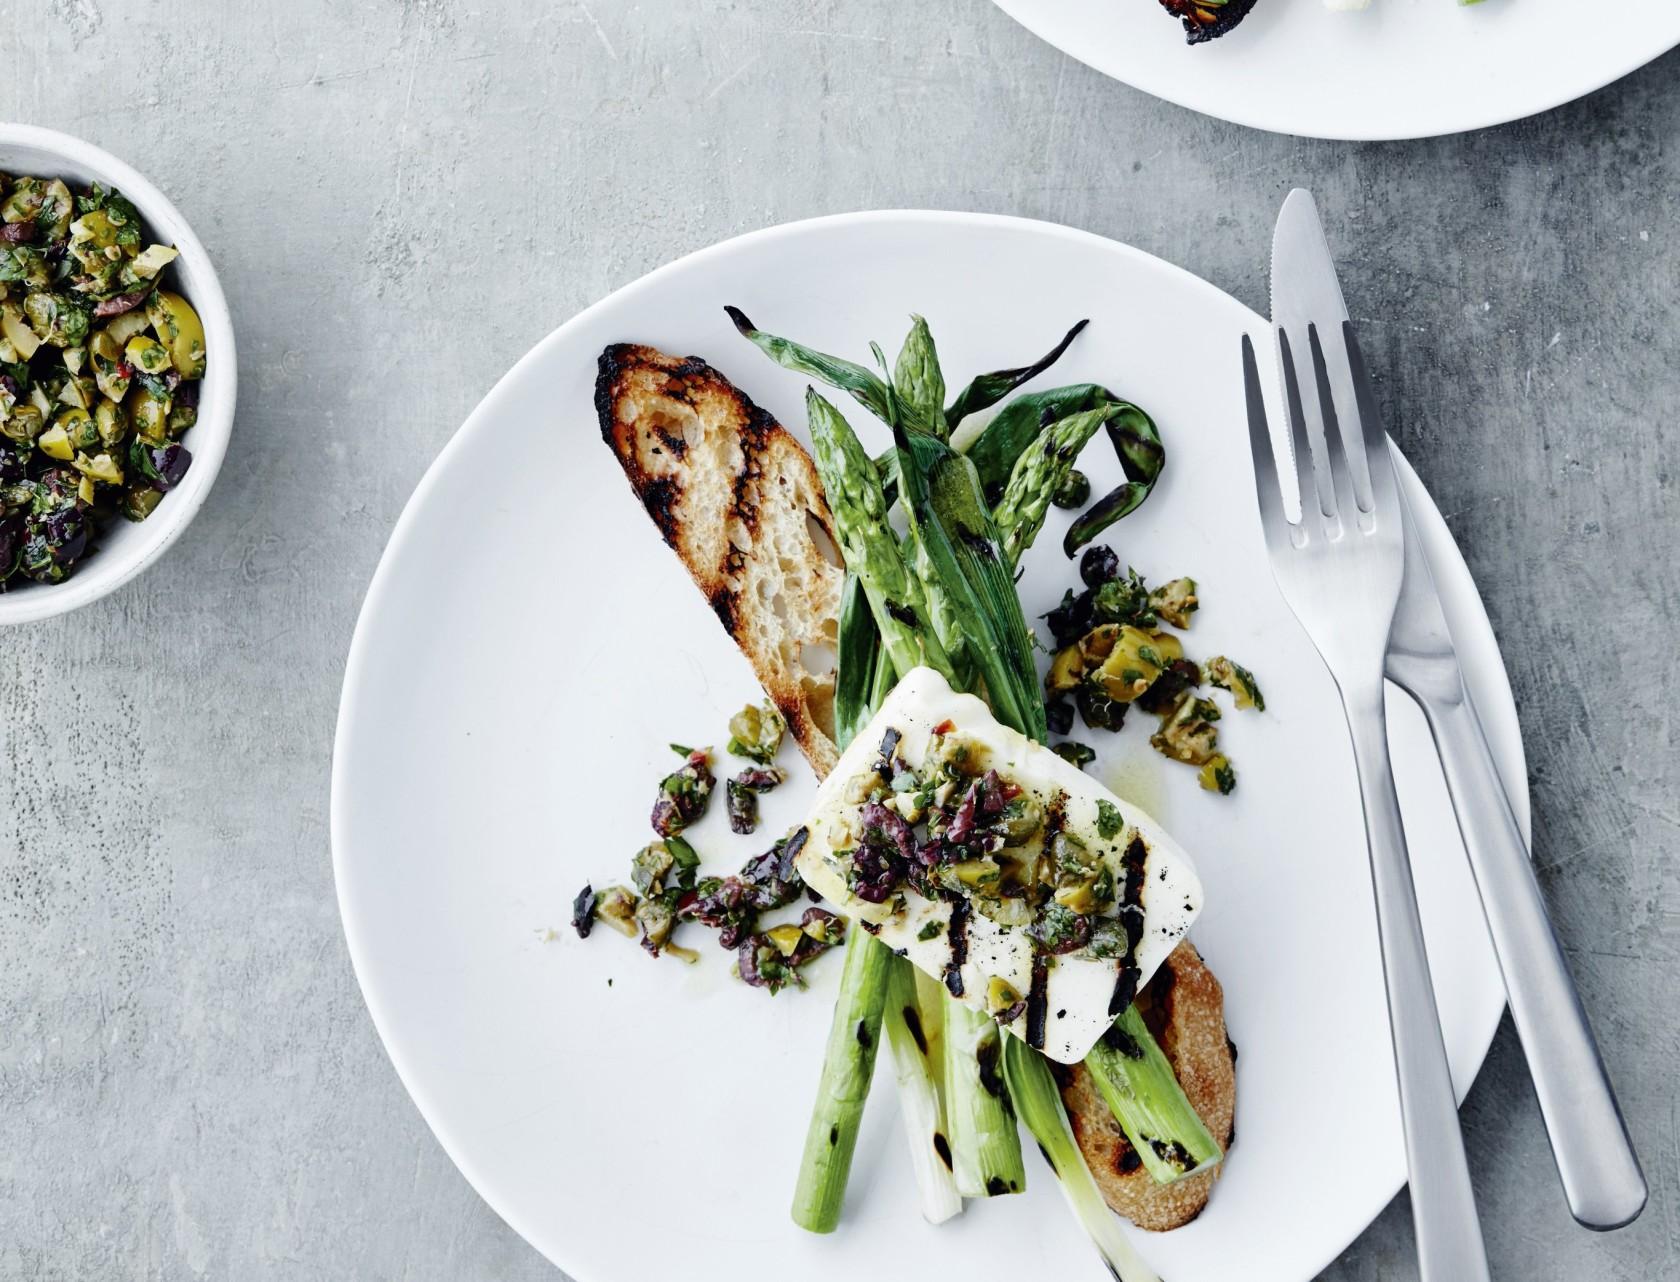 Grillede asparges med halloumi - lækker forret!